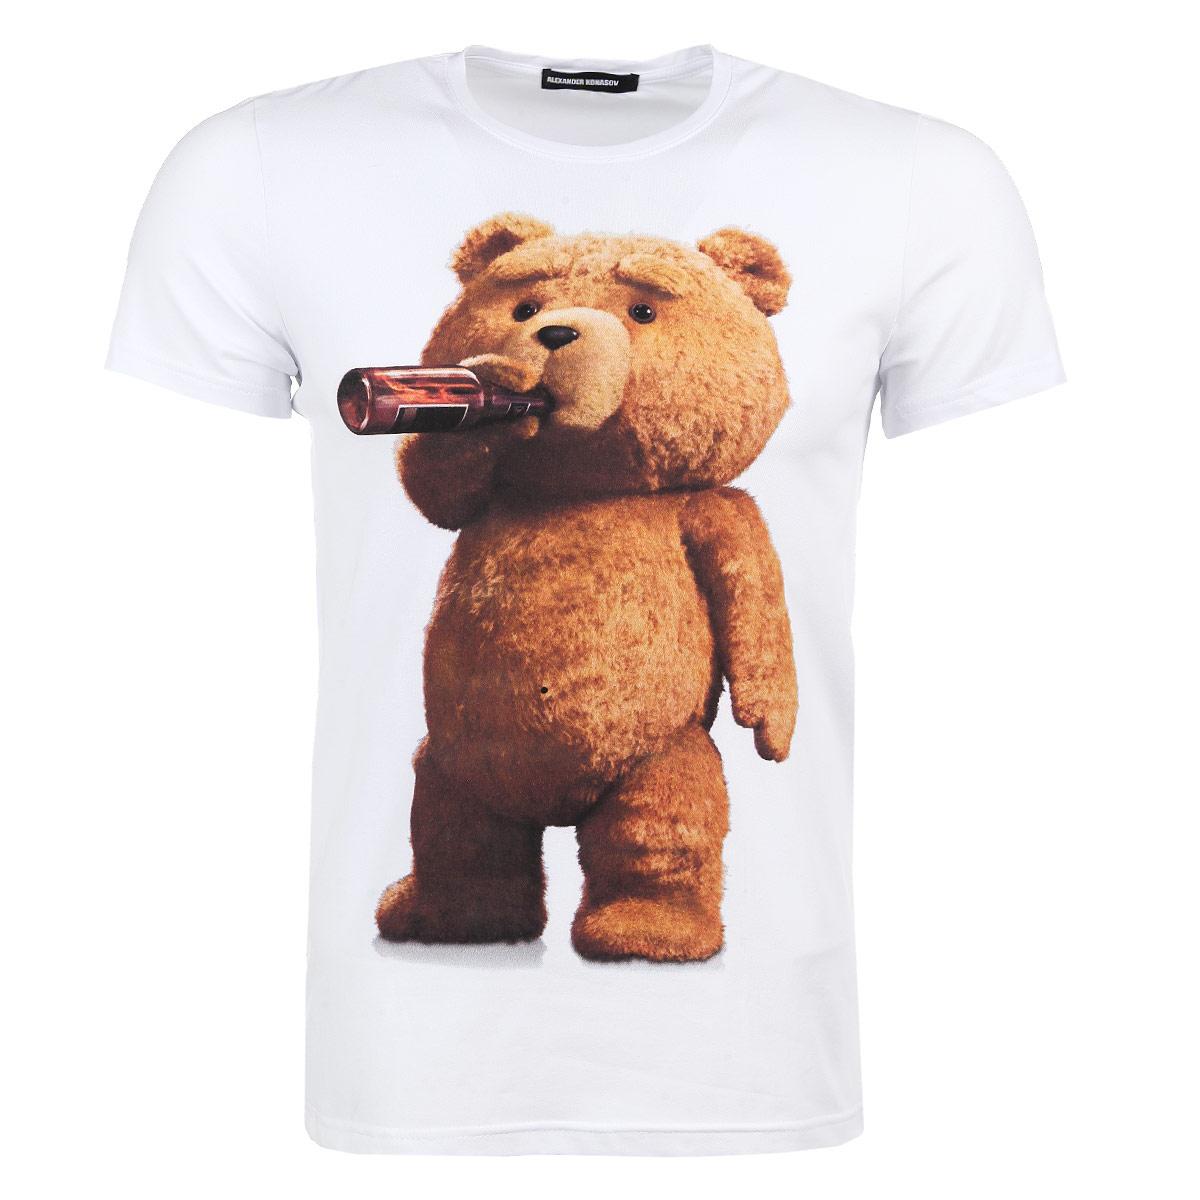 ФутболкаTed BearМужская футболка Alexander Konasov с коротким рукавом и круглой горловиной выполнена из хлопка с добавлением лайкры. Она необычайно мягкая и приятная на ощупь, не сковывает движения и позволяет коже дышать, обеспечивая наибольший комфорт. Модель оформлена принтом с изображением медведя Теда из фильма Третий лишний. Такая футболка отлично дополнит ваш образ и позволит выделиться из толпы.